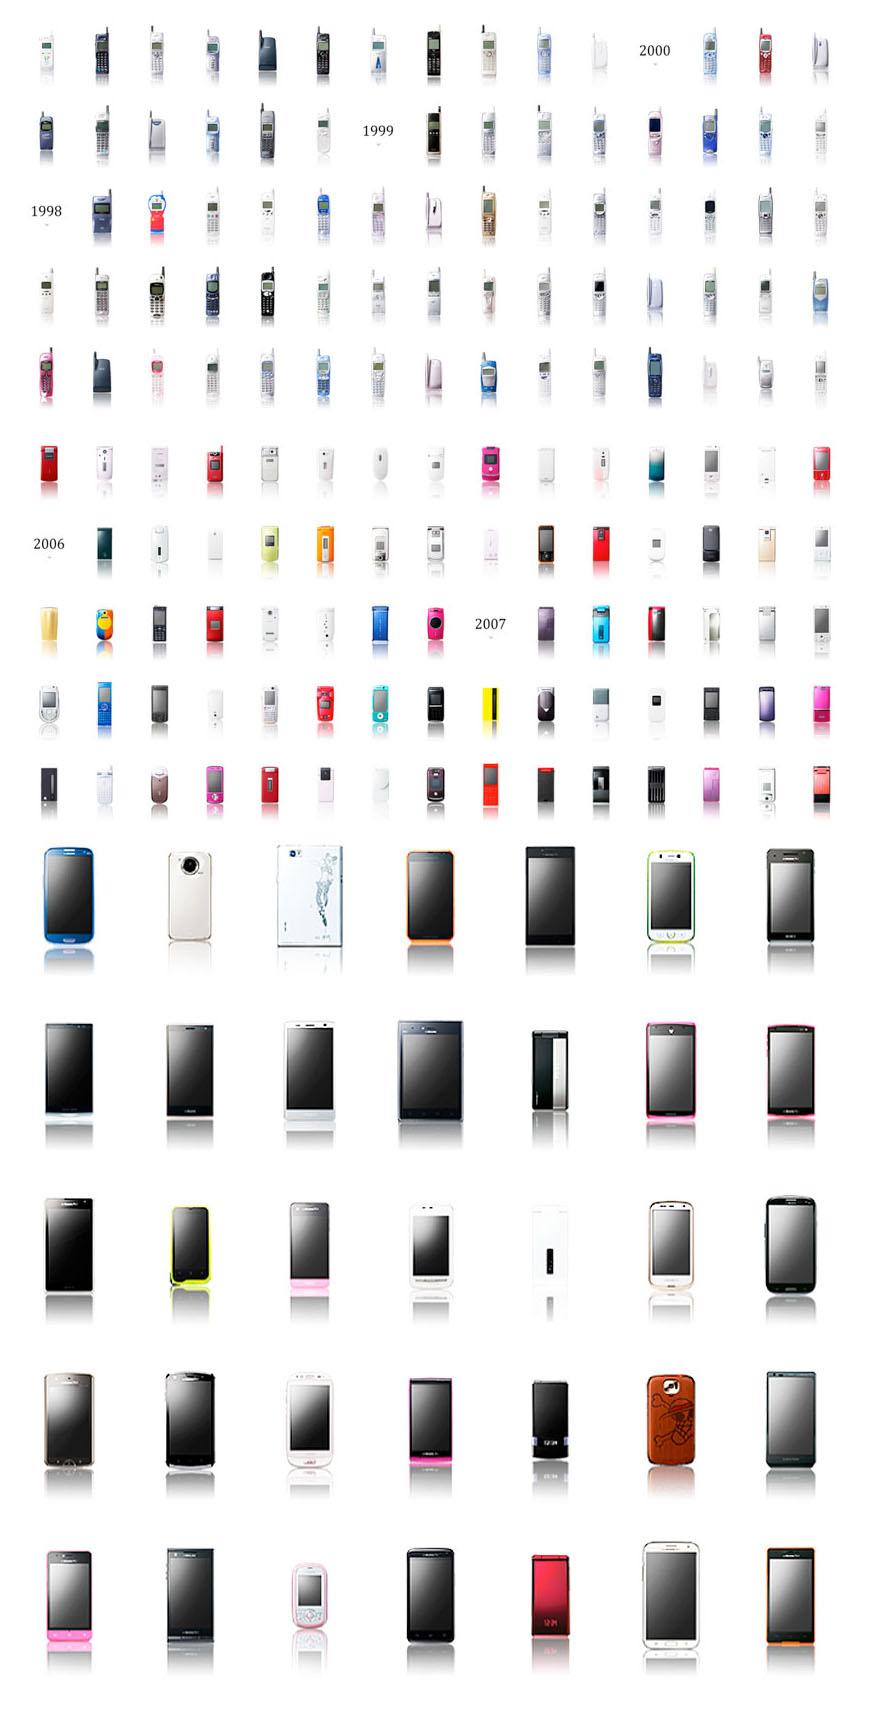 historia celulares